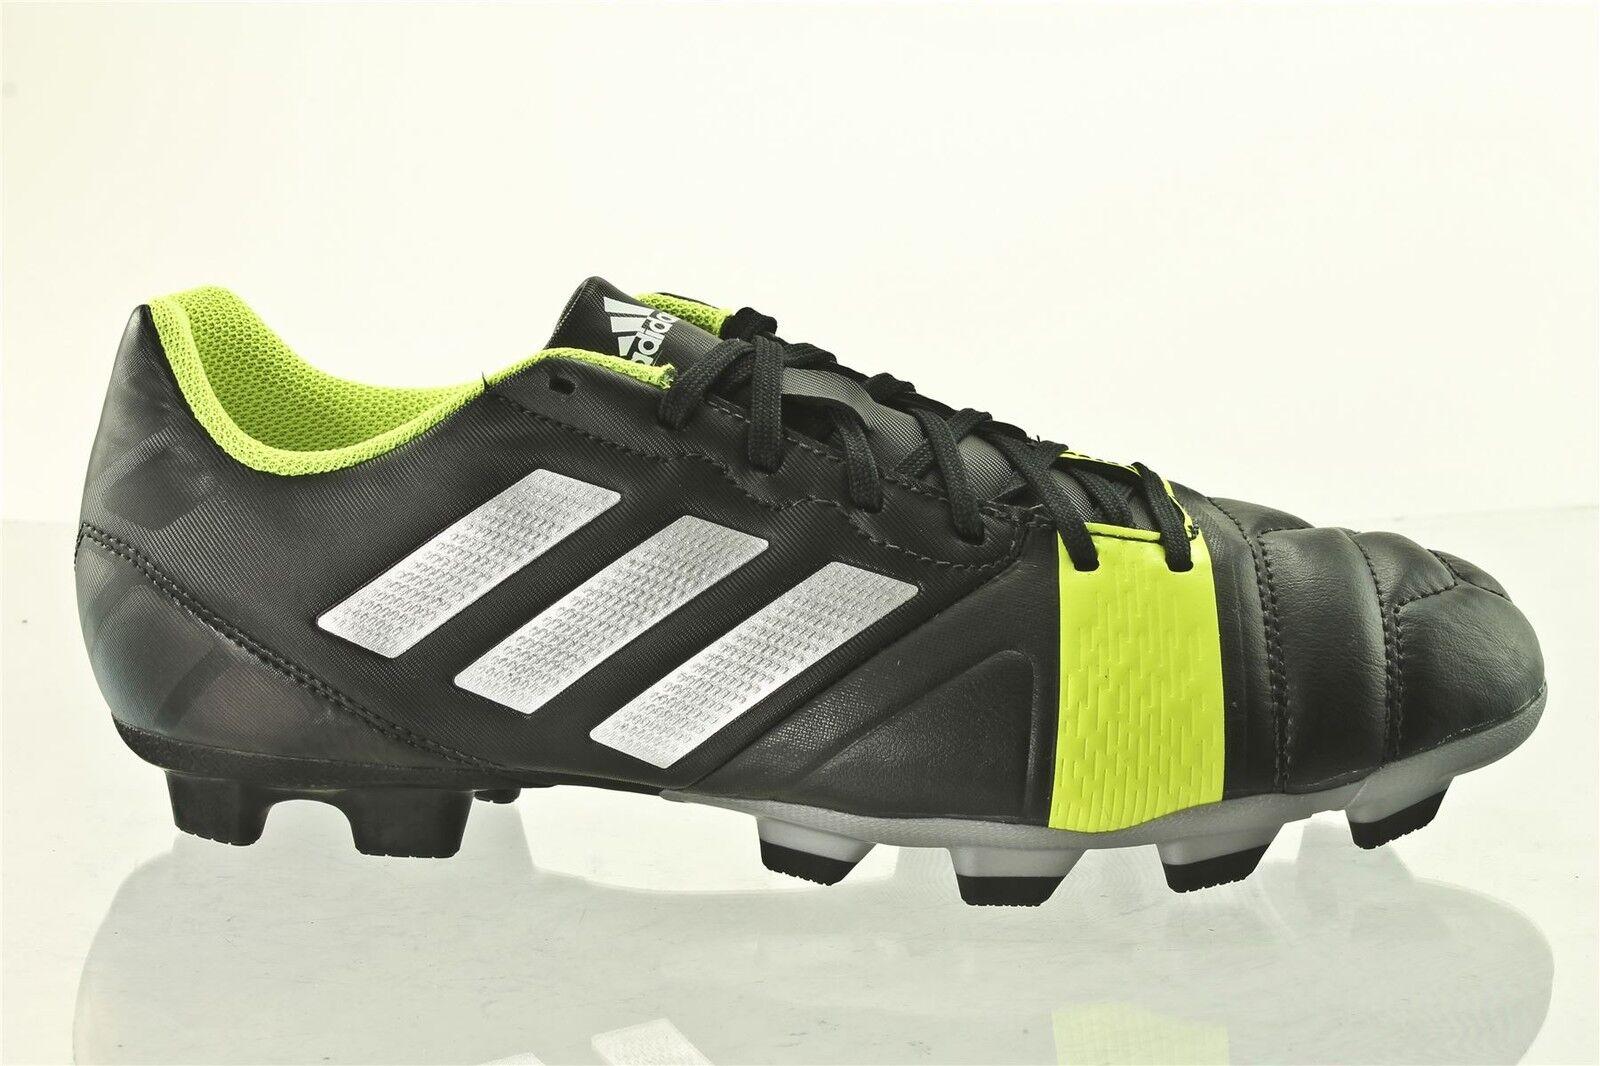 reputable site 07924 d9b91 Adidas  Nitrocharge 3.0 TRX FG  Mens Football BootsQ33686